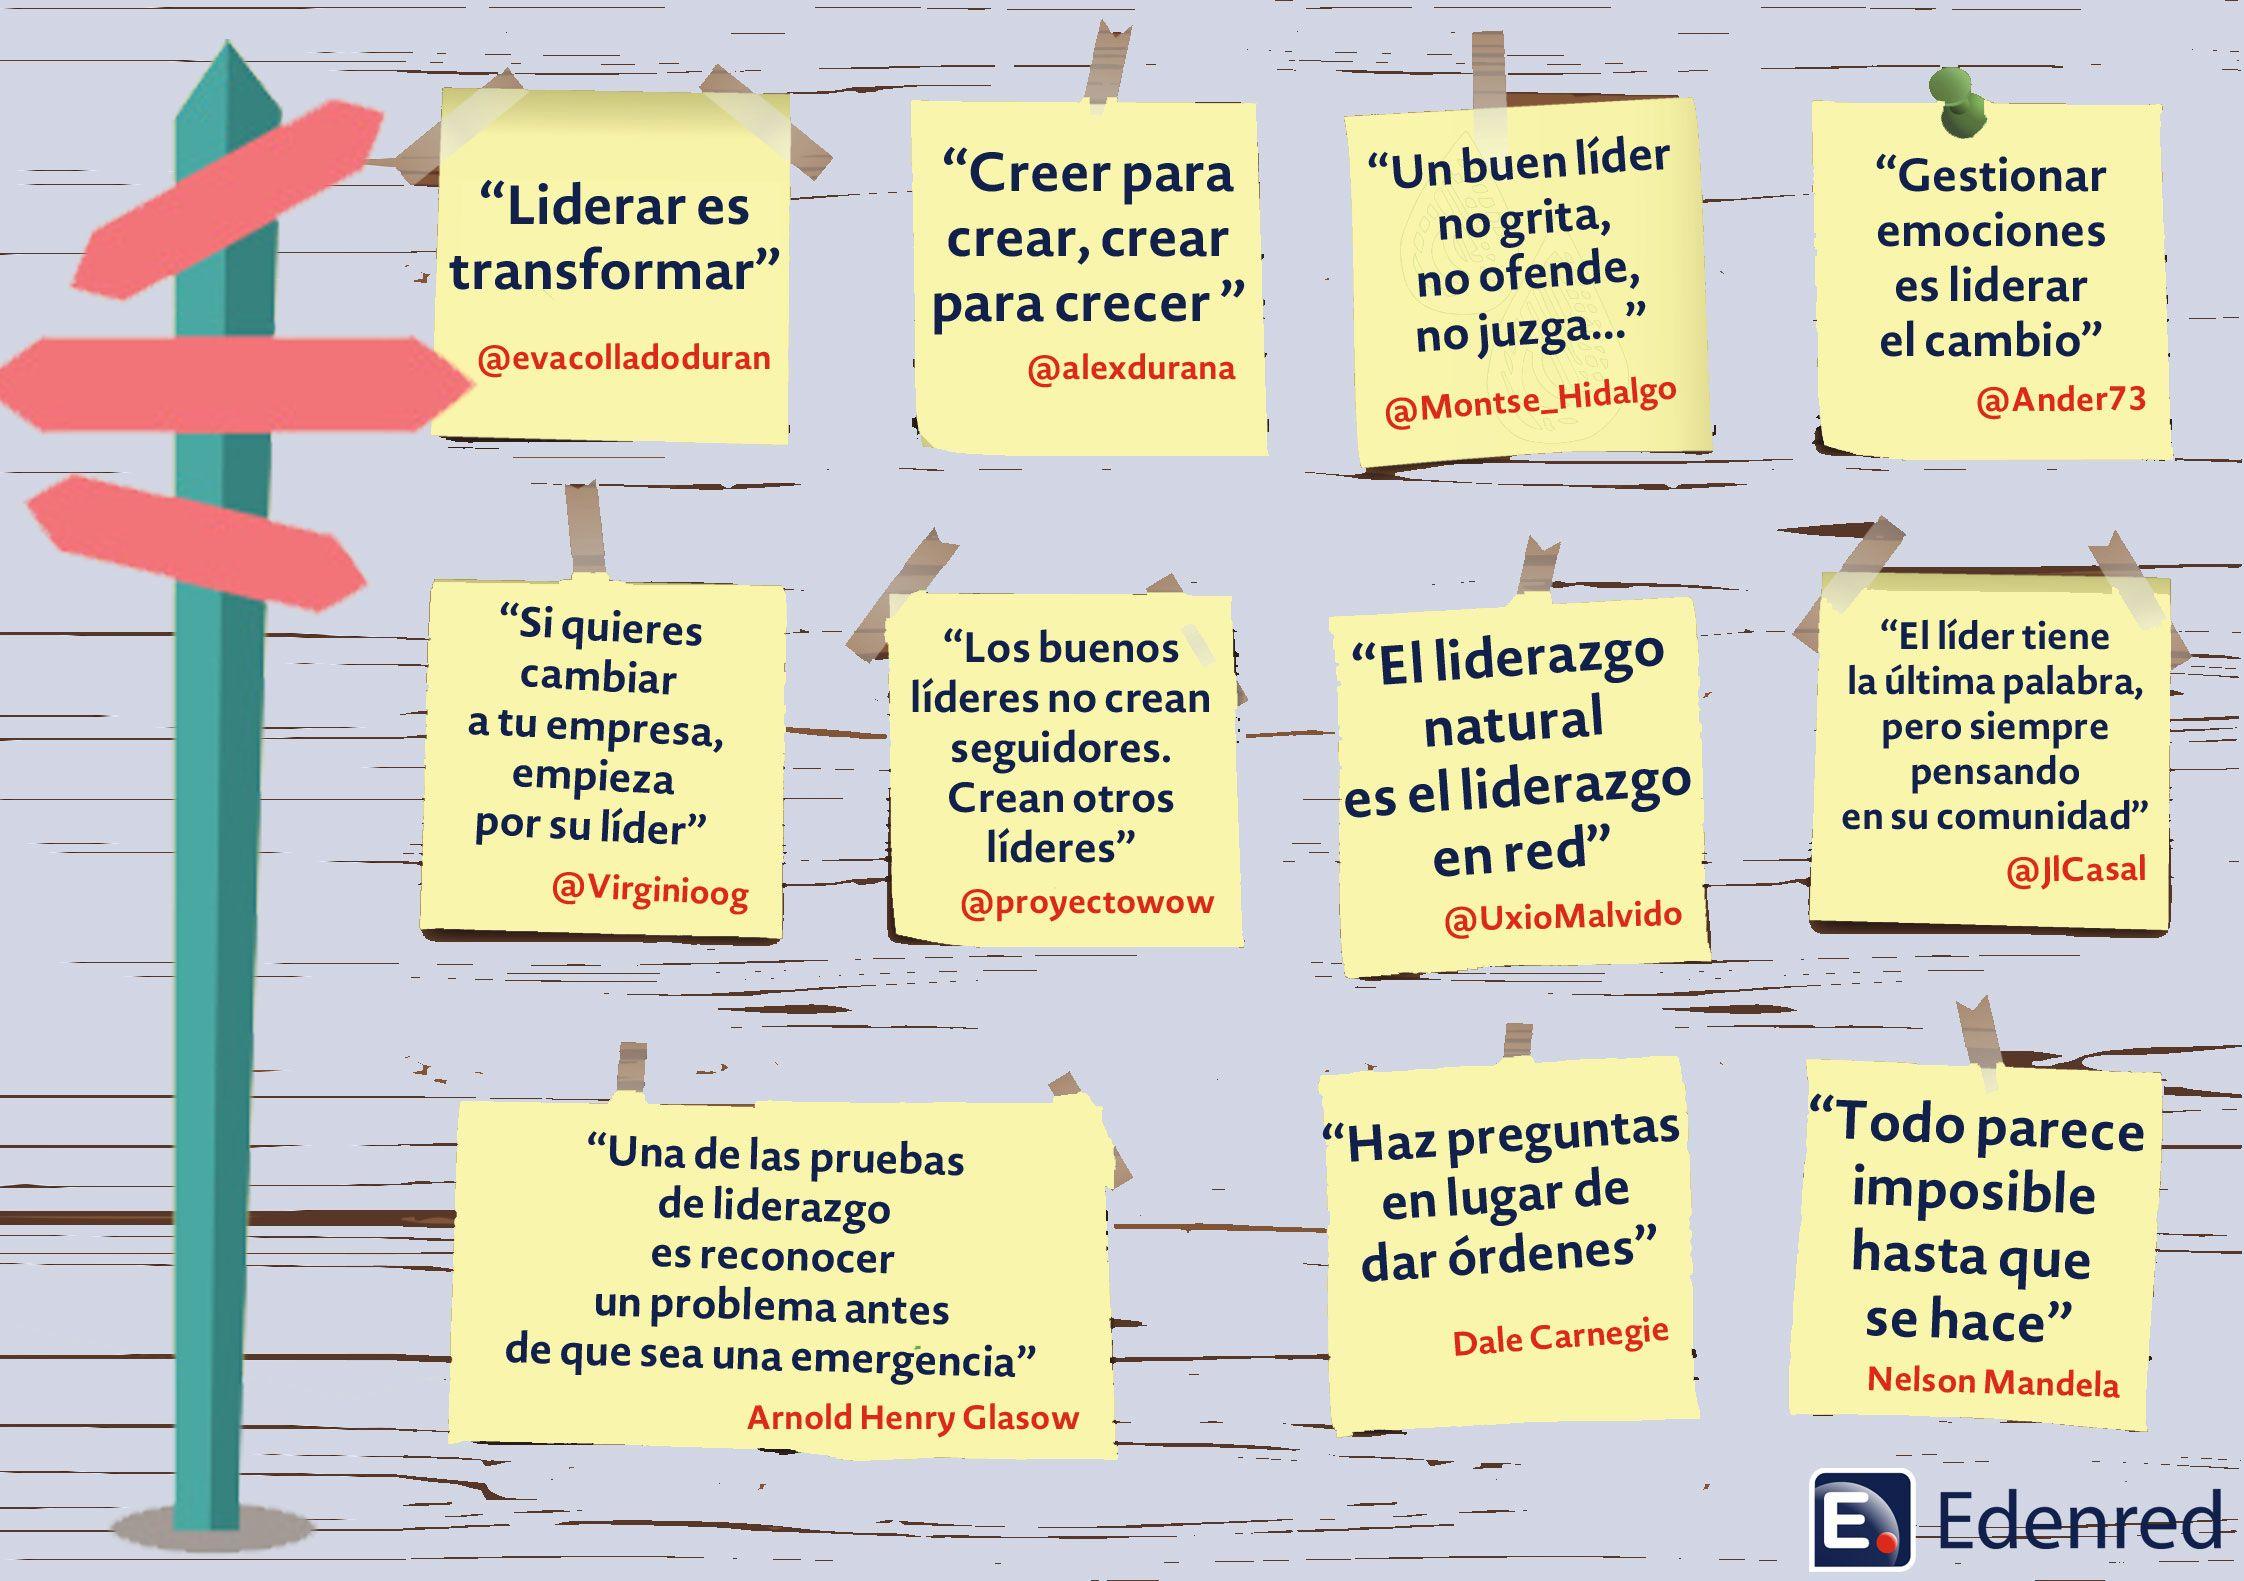 Frases sobre Liderazgo vistas en Twitter vía @edenredes #infografia #infographic #citas #quotes